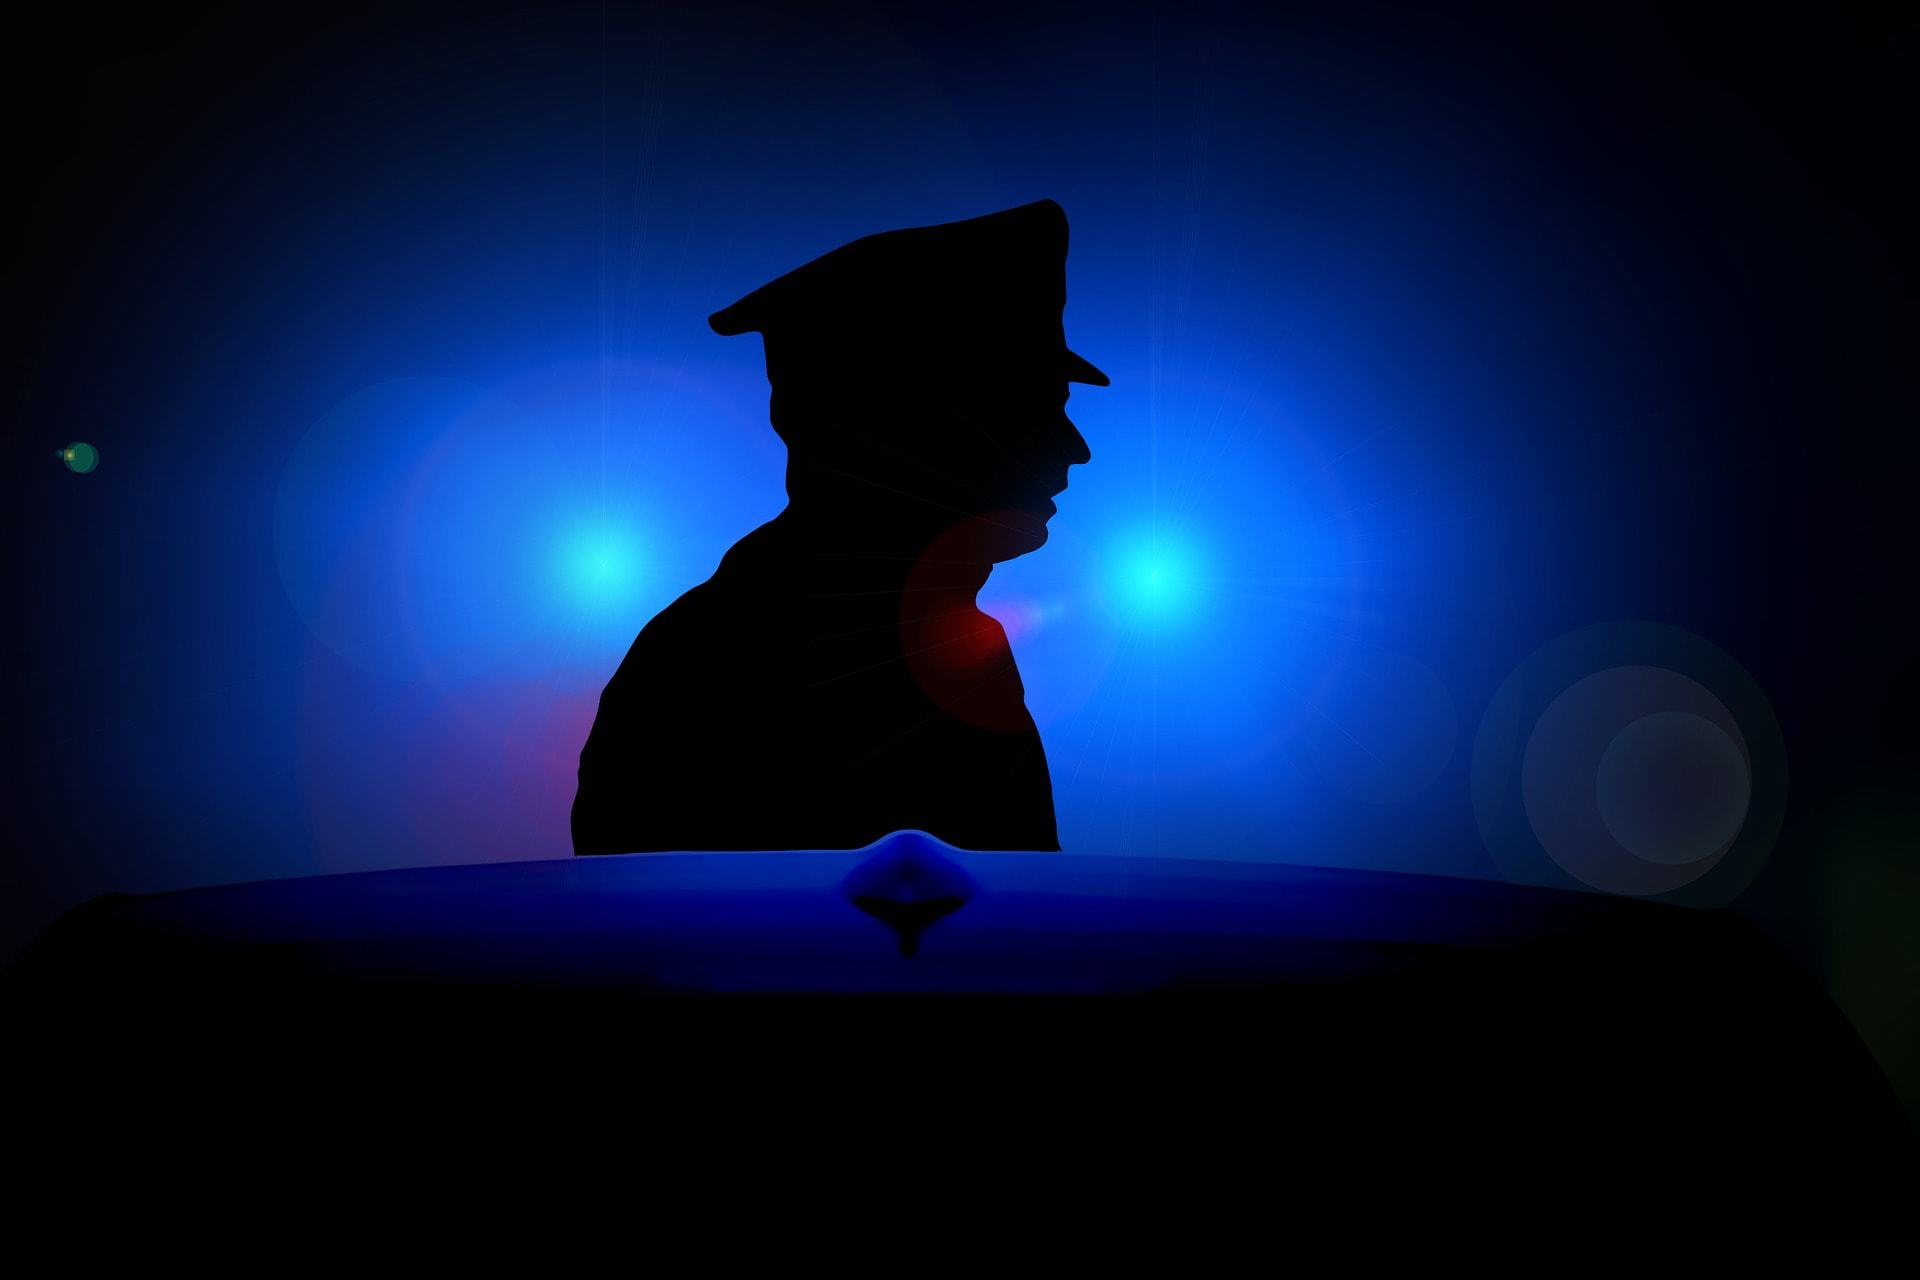 Polizeimeldung zu Telefonbetrug Akute Warnung vor falschen Polizeibeamten im Bereich Regensburg